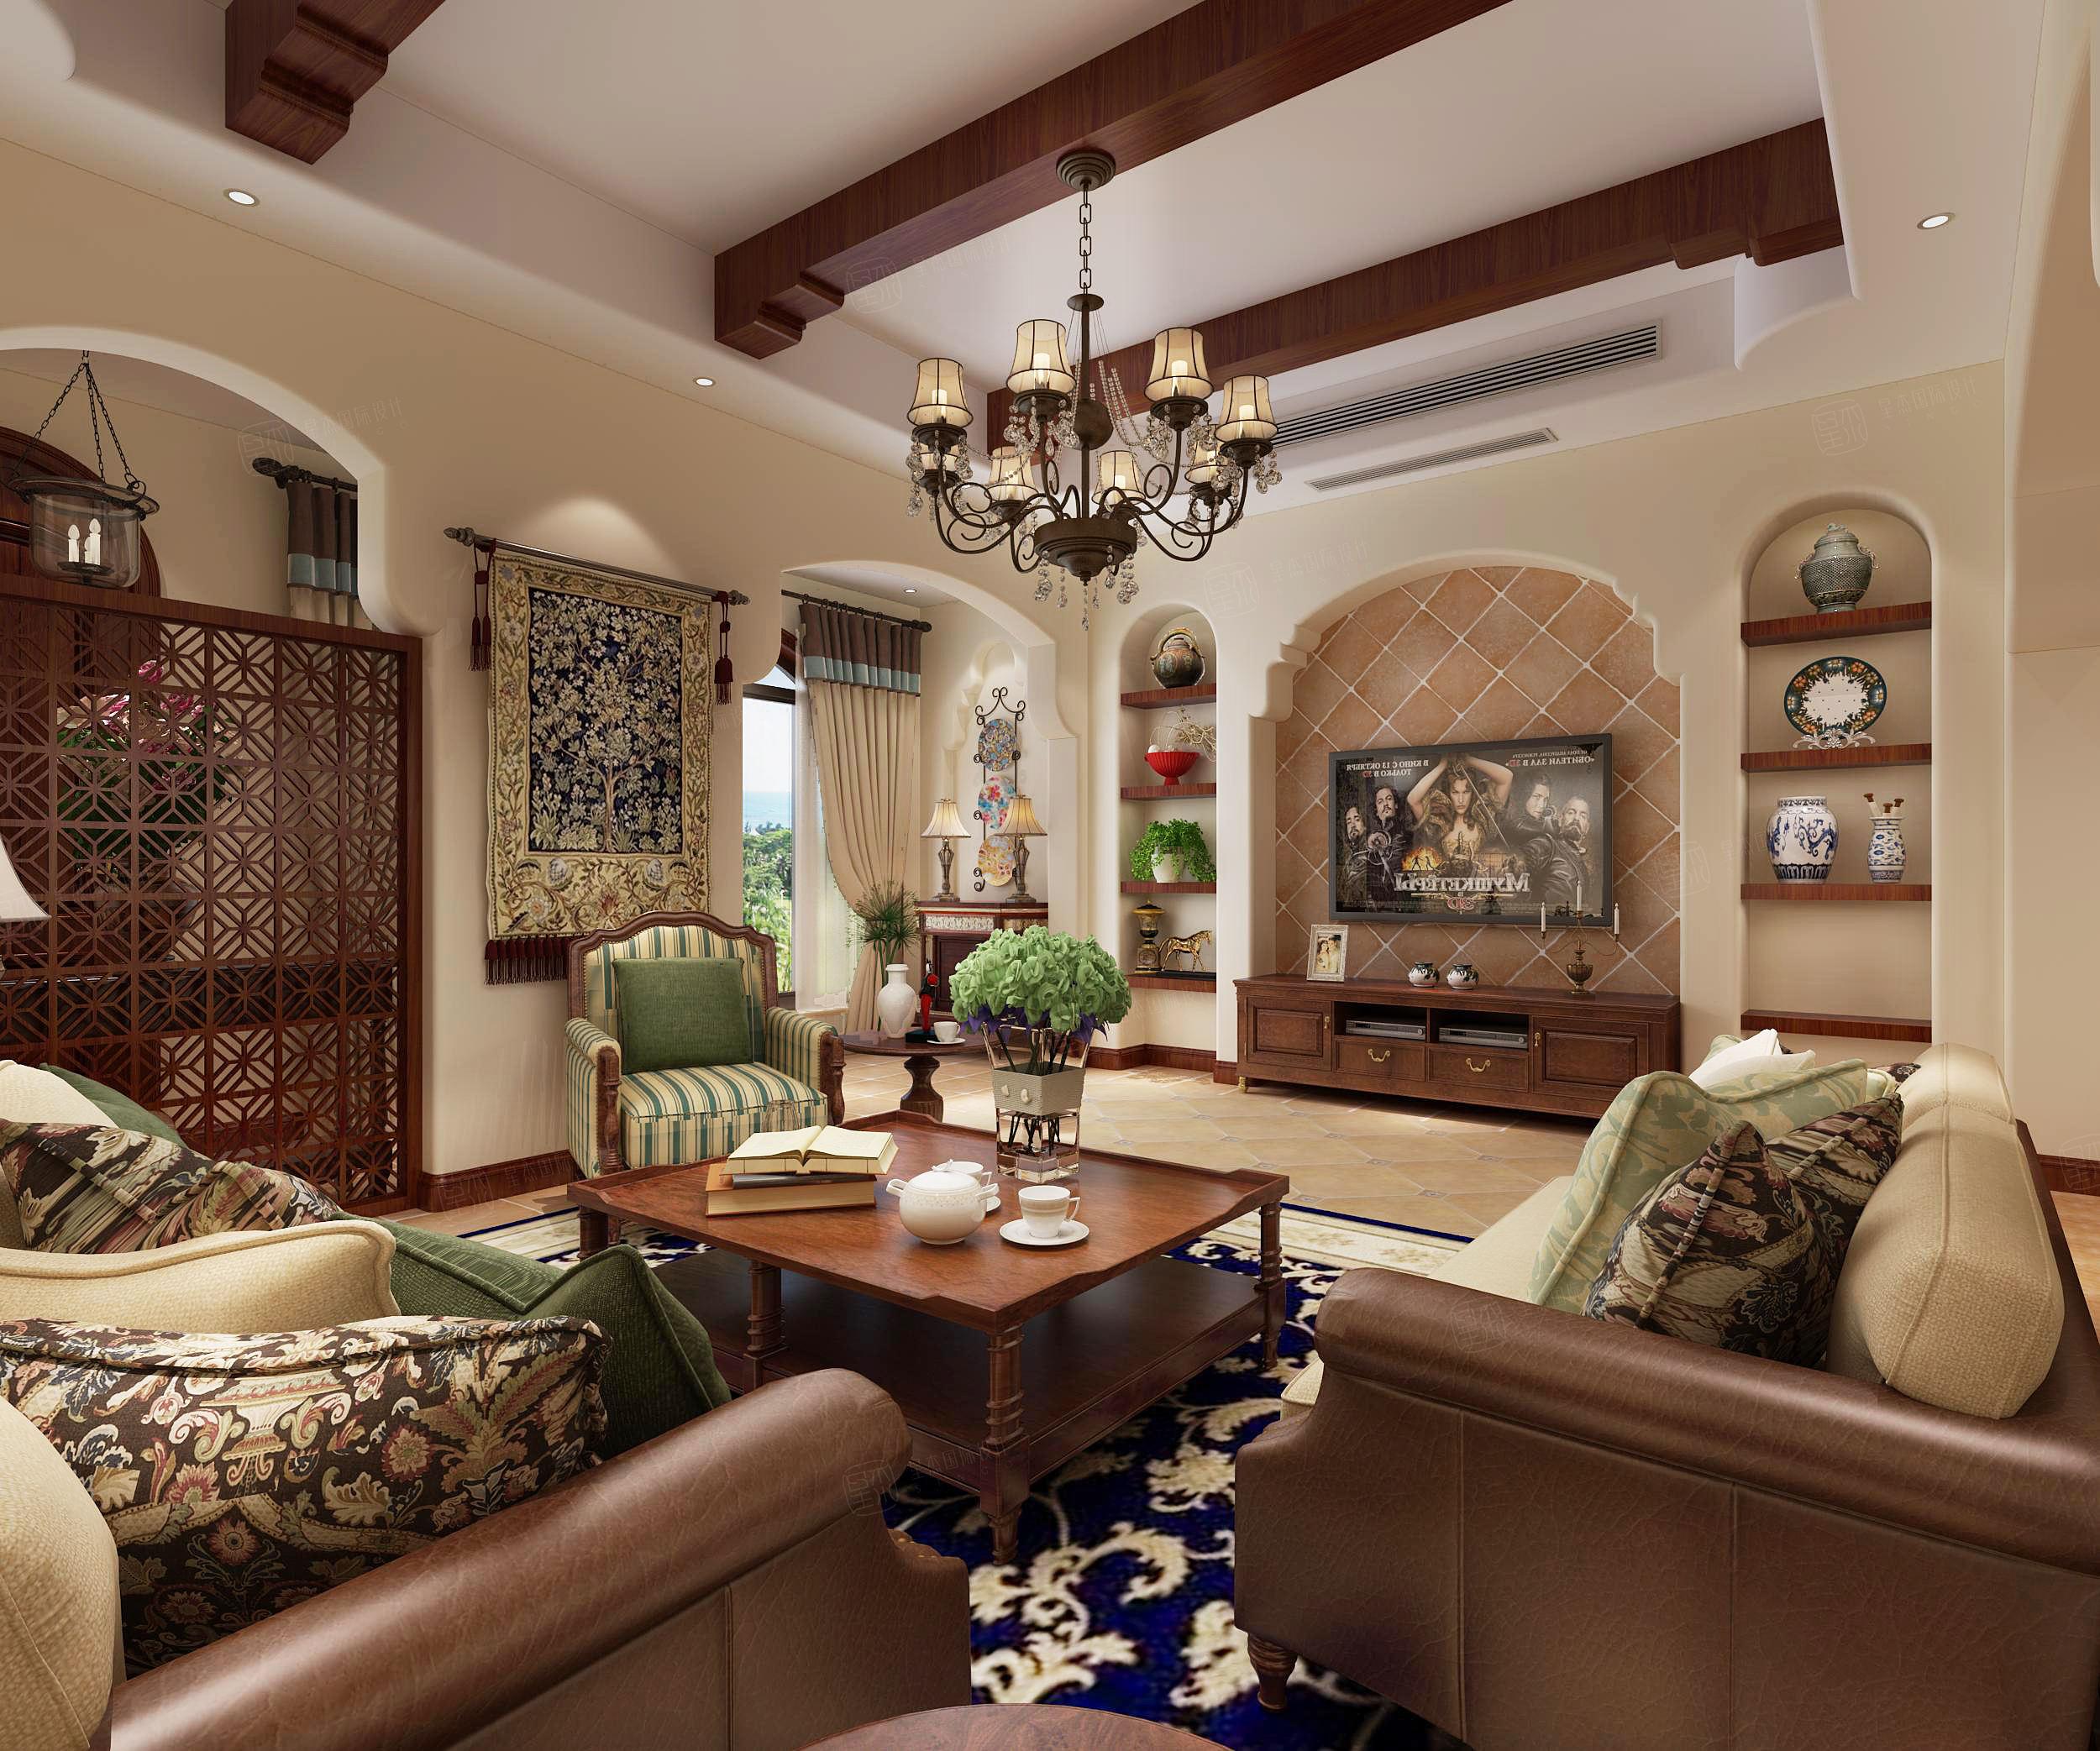 达安圣巴巴 地中海装修客厅效果图